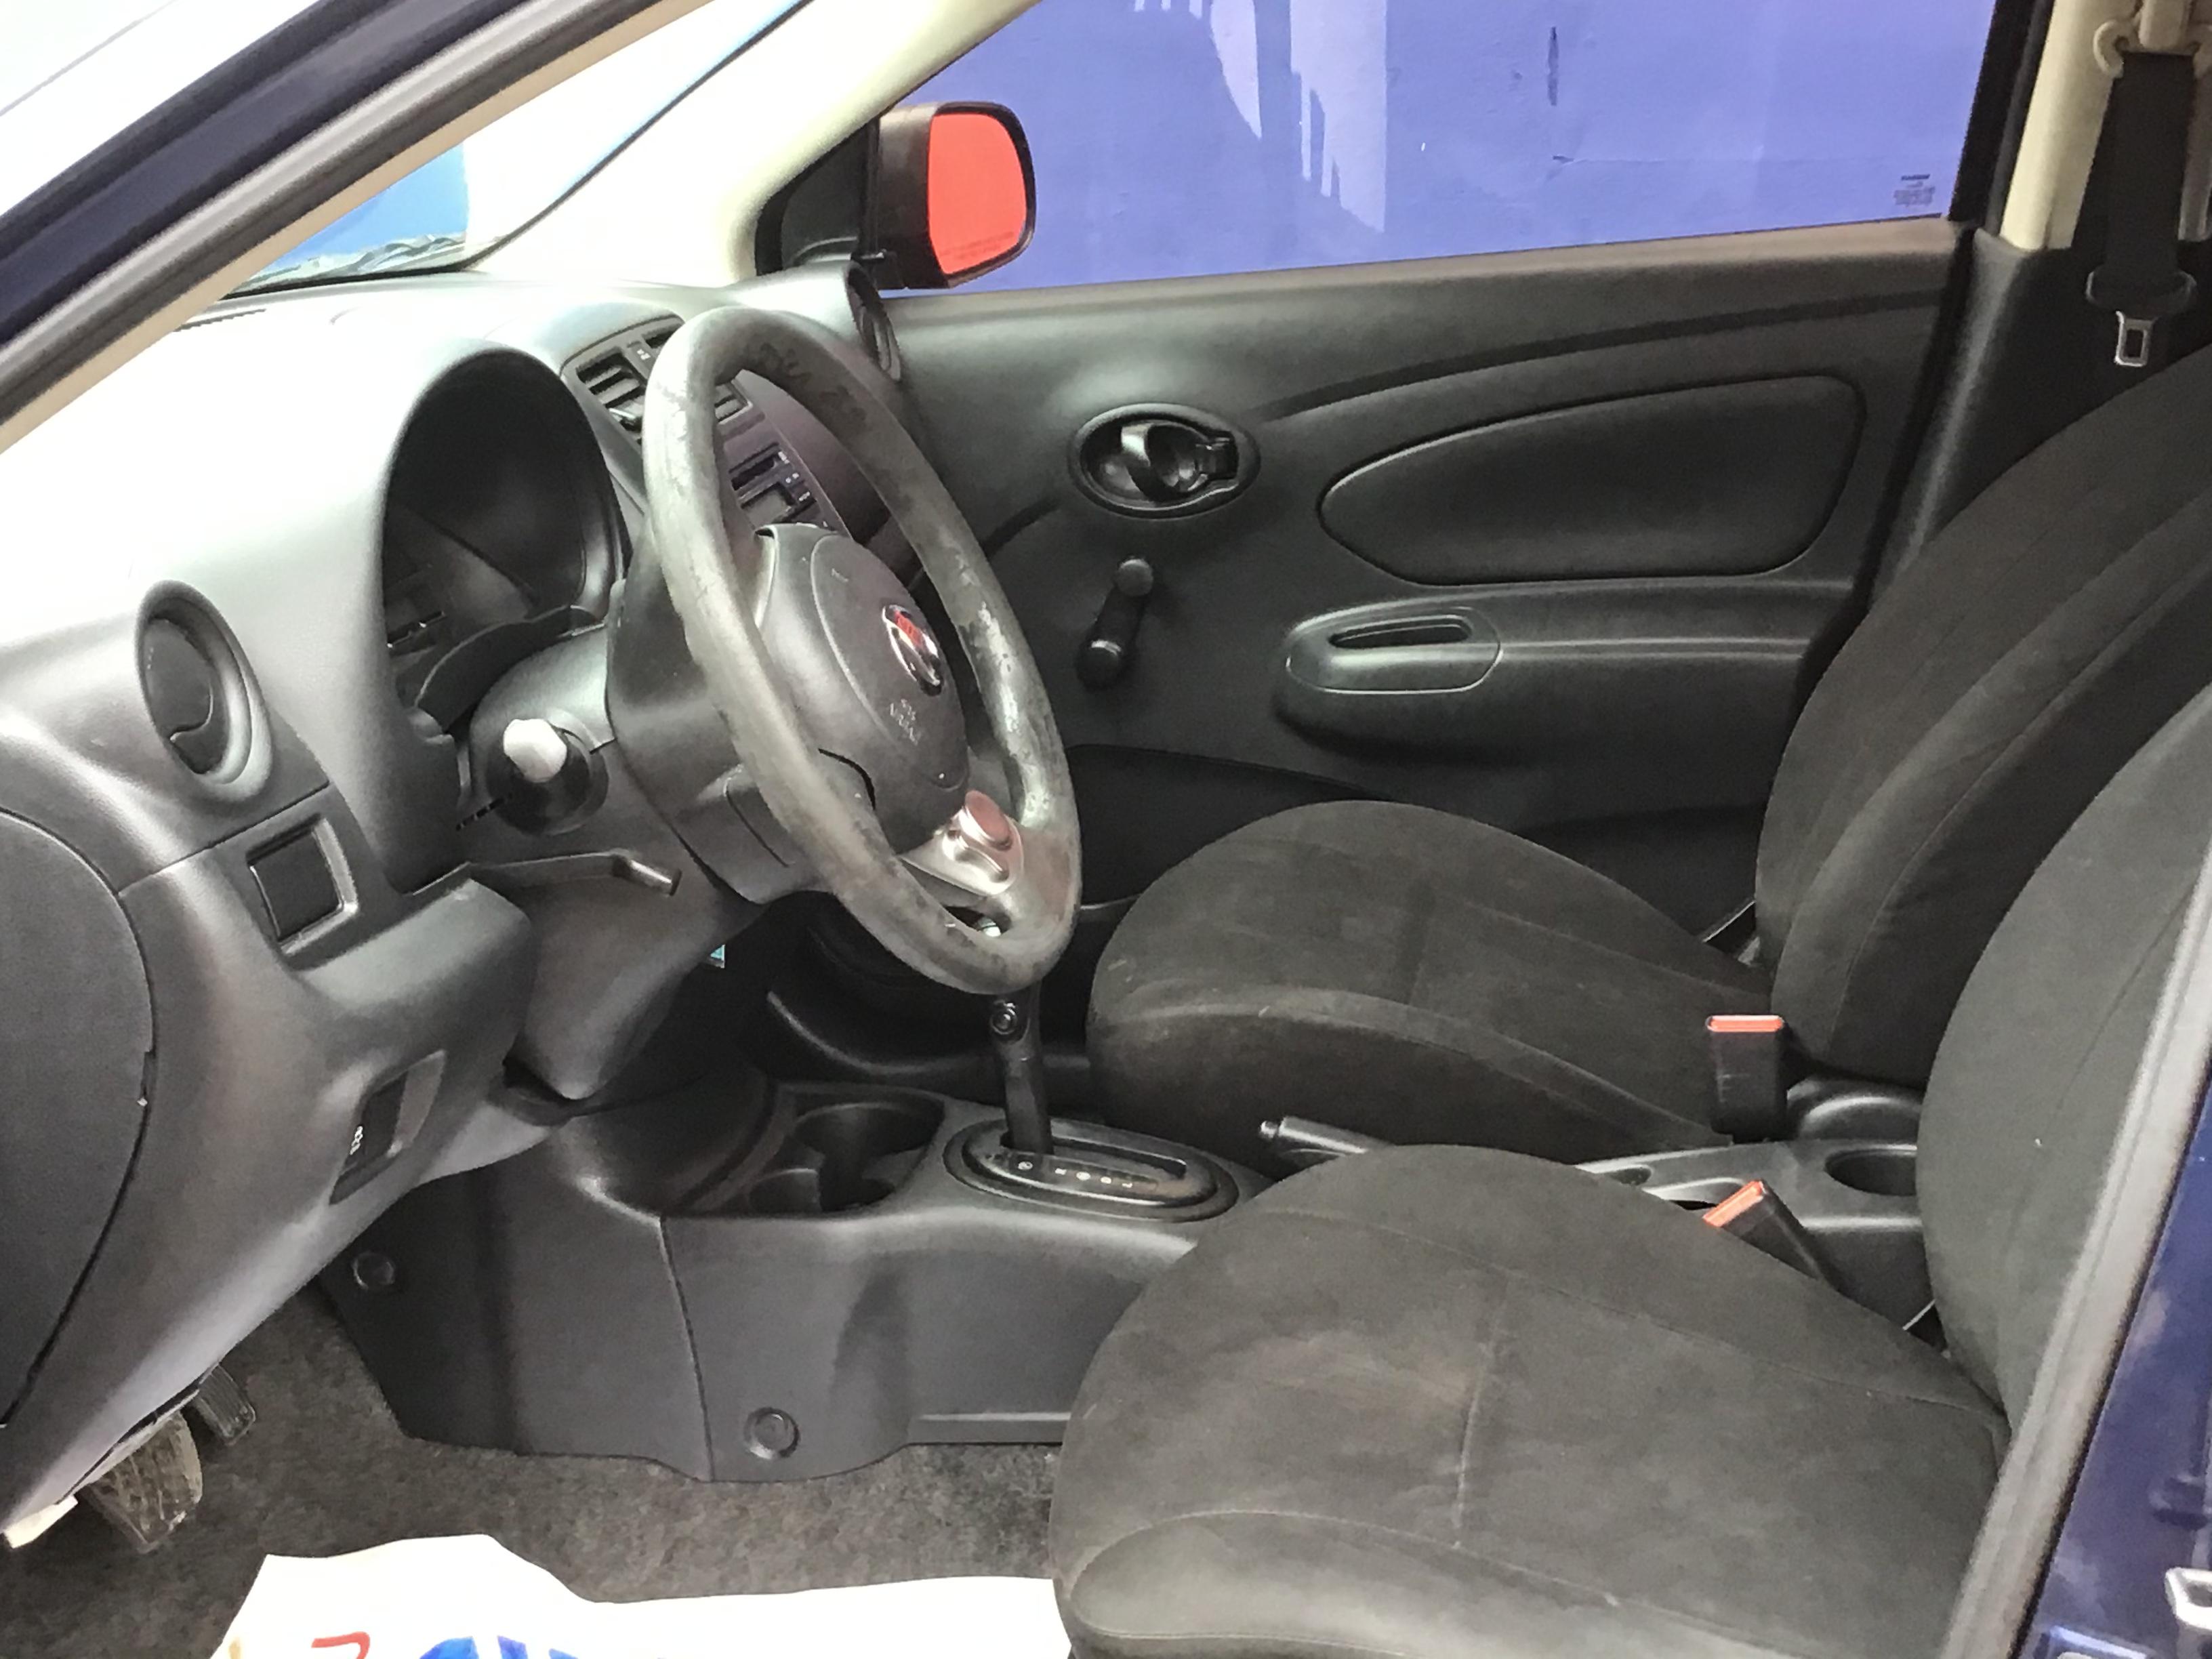 used vehicle - Sedan NISSAN VERSA 2014